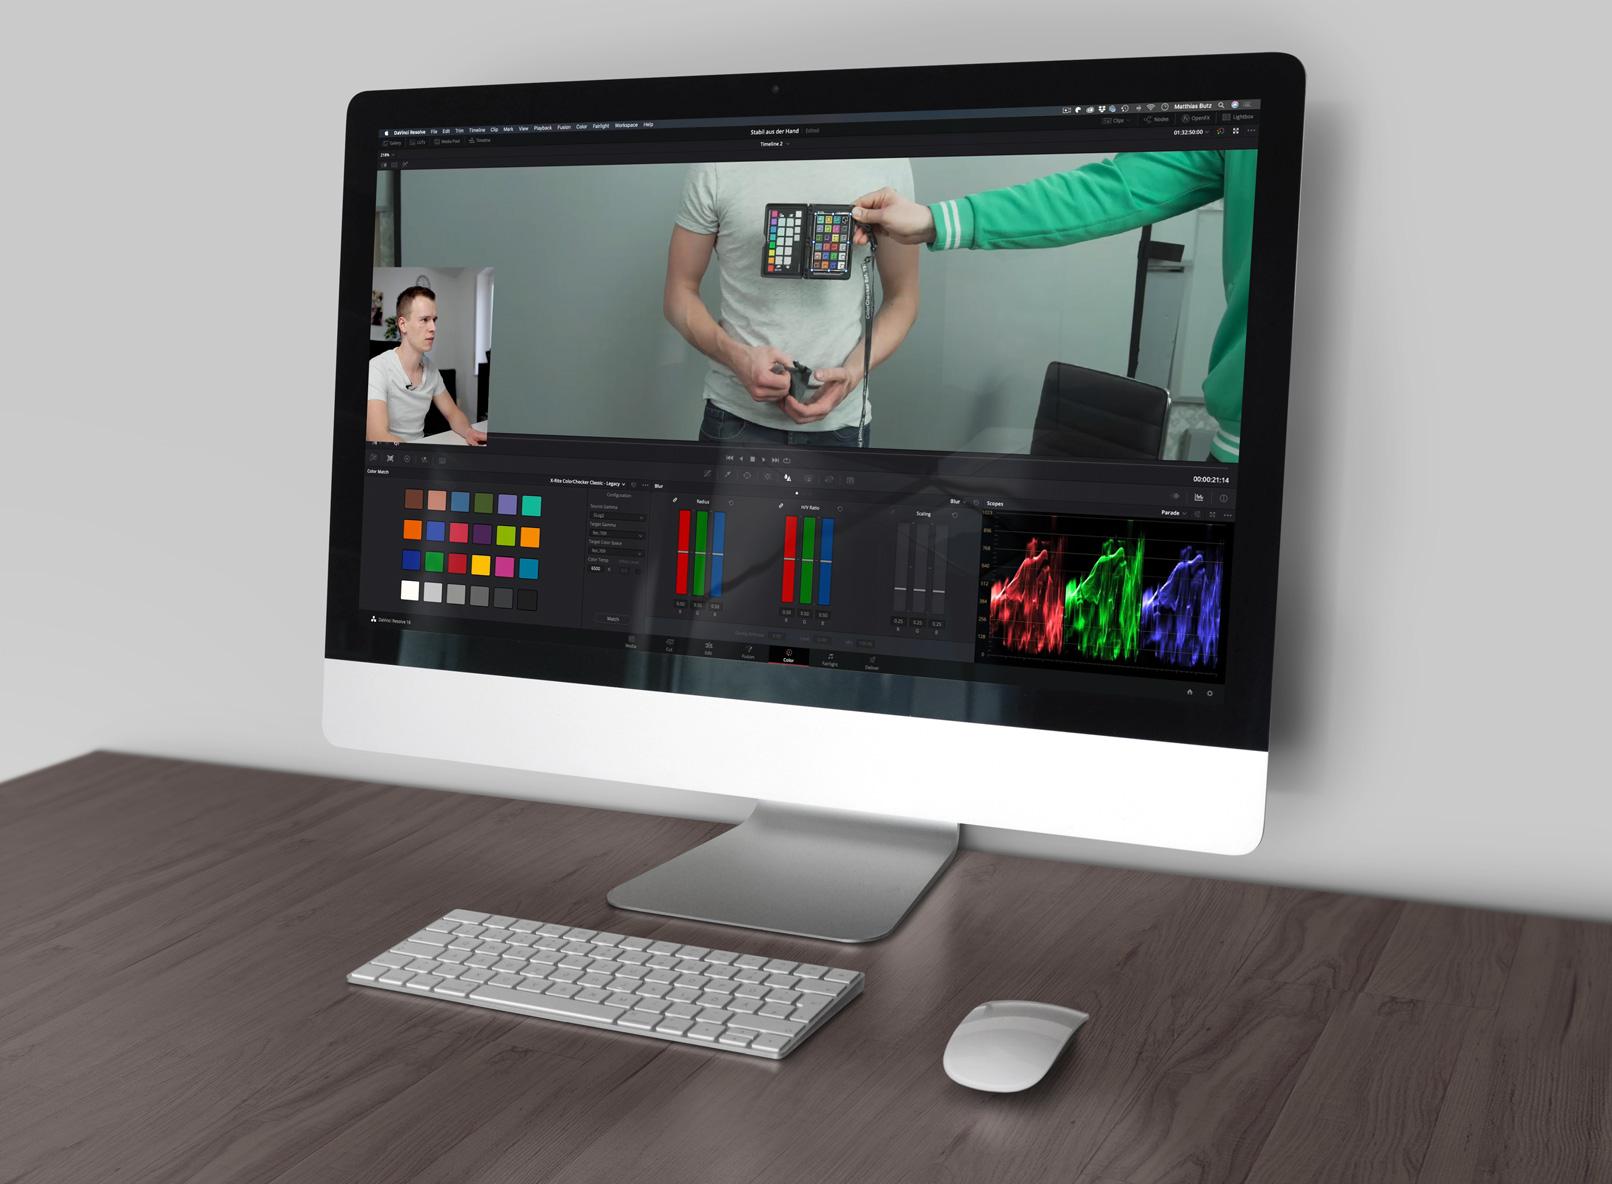 Ausschnitt aus dem Video-Tutorial zur Videobearbeitung mit DaVinci Resolve